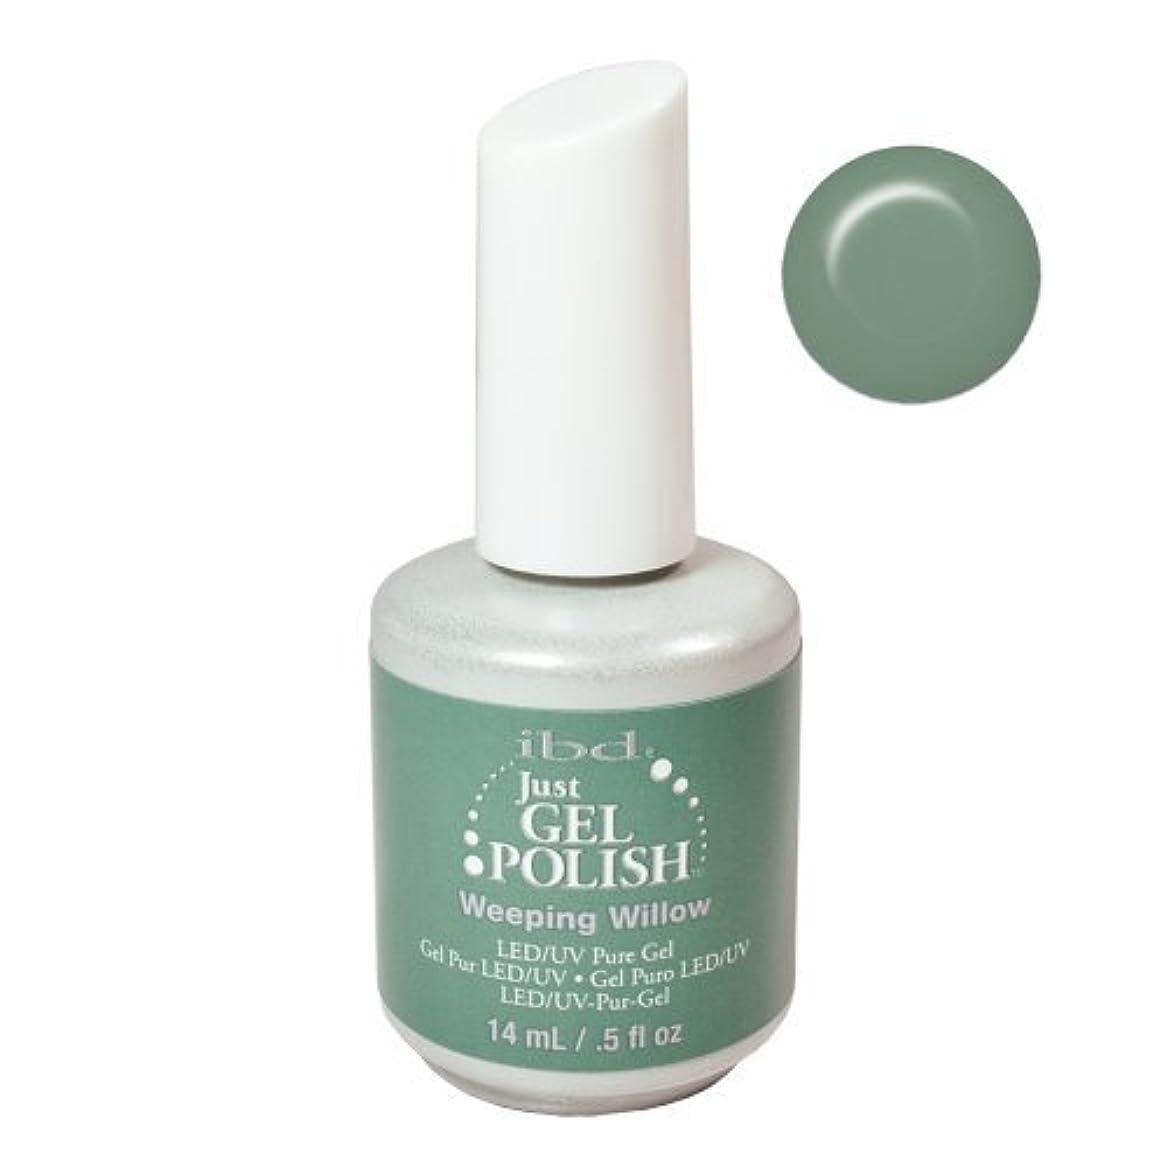 広まった拘束靄IBD Just Gel Nail Polish, Weeping Willow, 0.5 Fluid Ounce by IBD [並行輸入品]